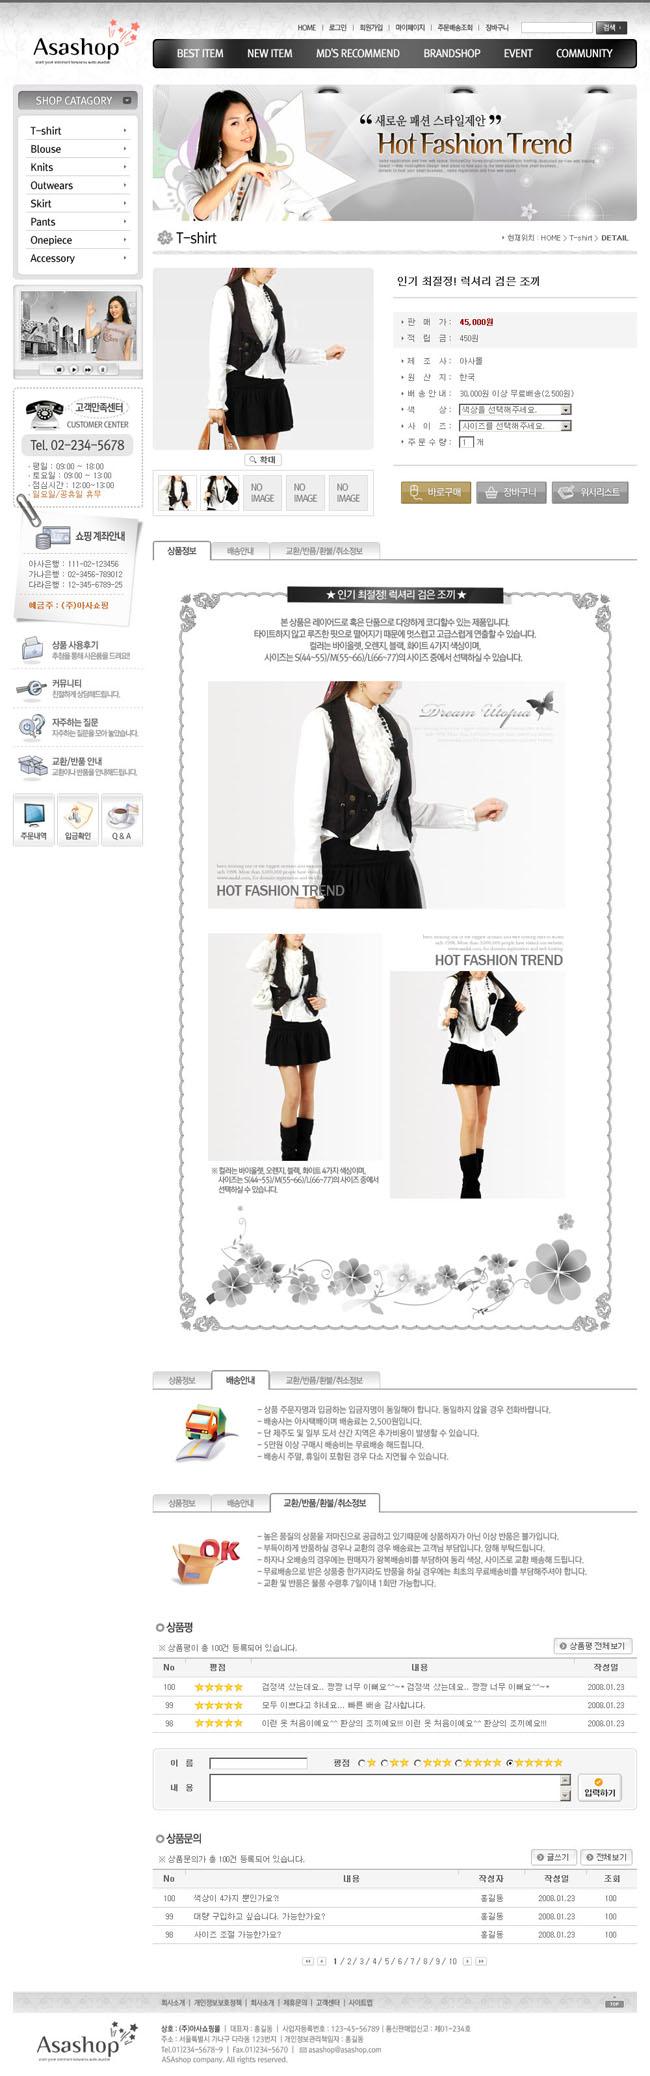 个性博客相册设计网页模板